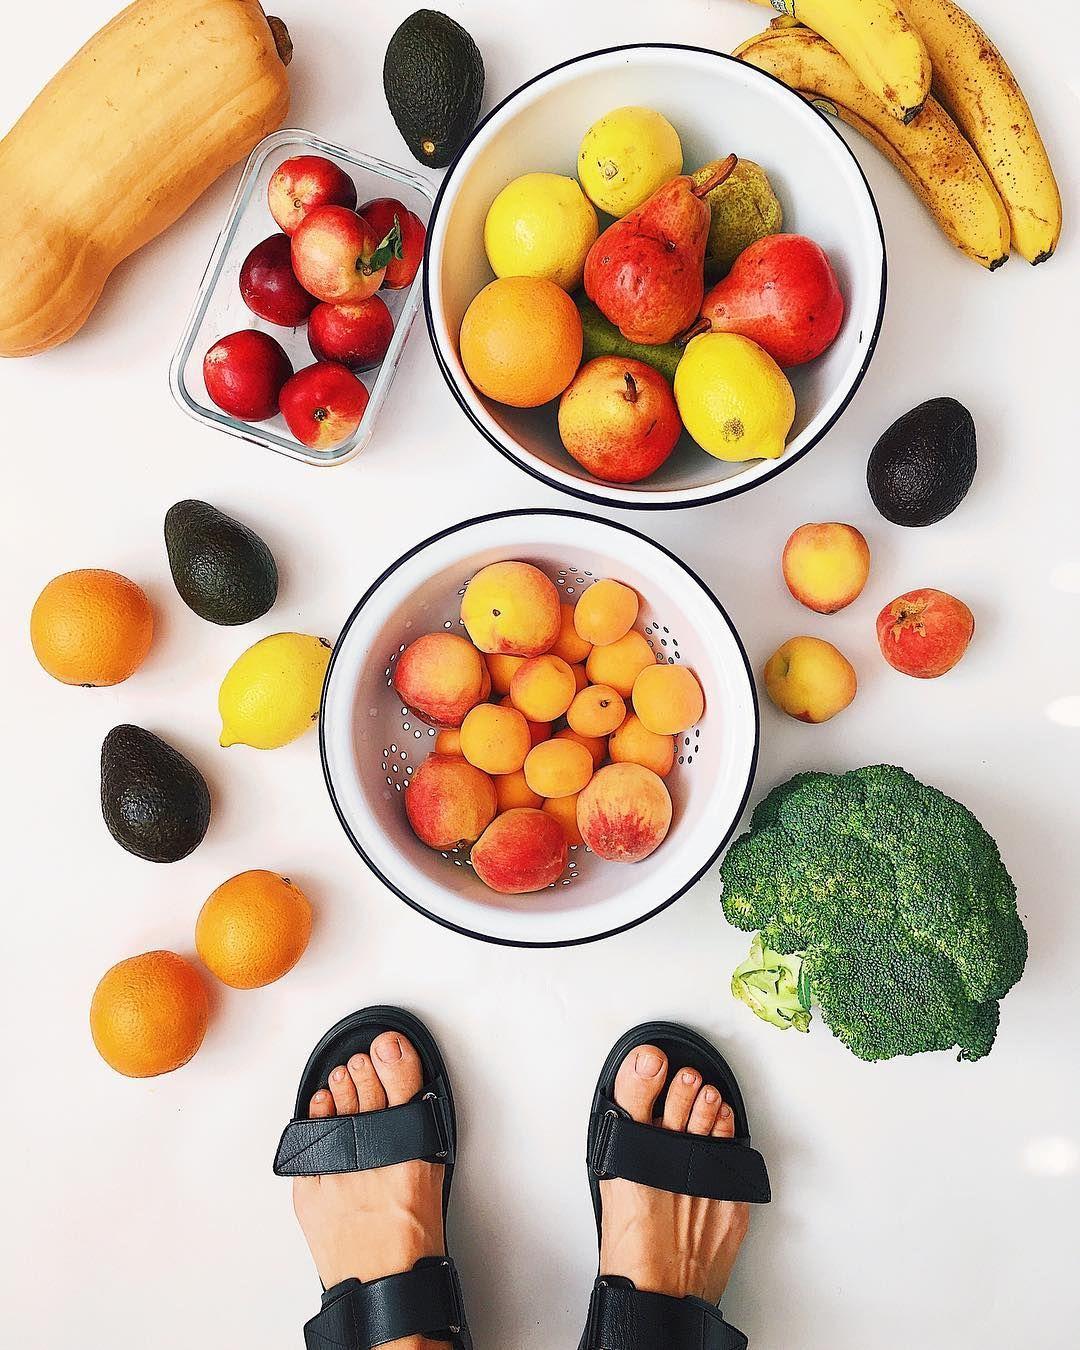 Ограничение Питания Похудение. Как правильно питаться, чтобы похудеть?